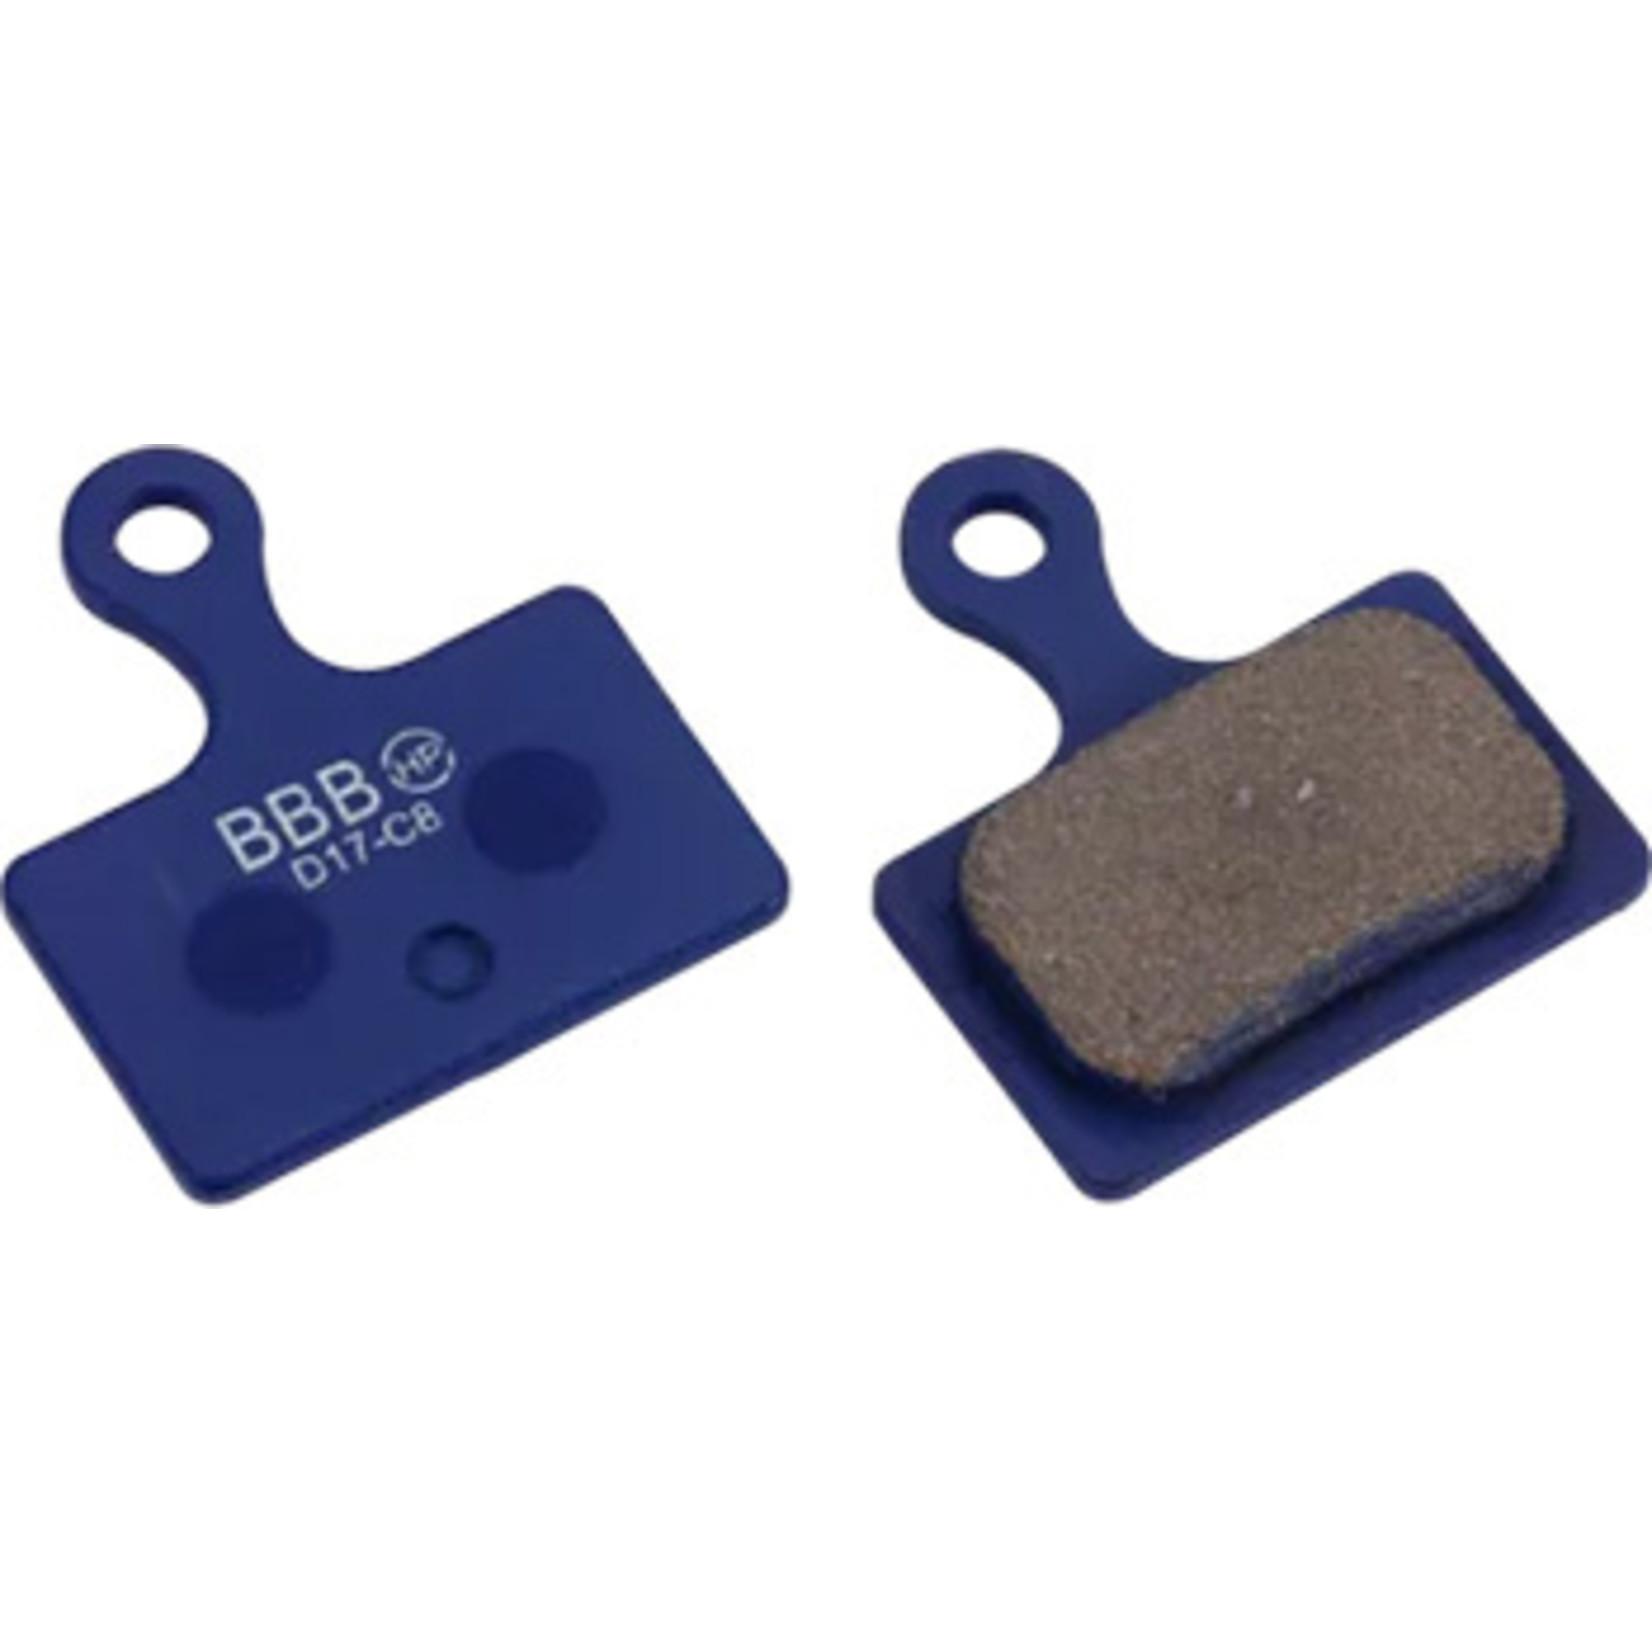 BBB BBB BBS-561 BRAKE PADS SHIMANO